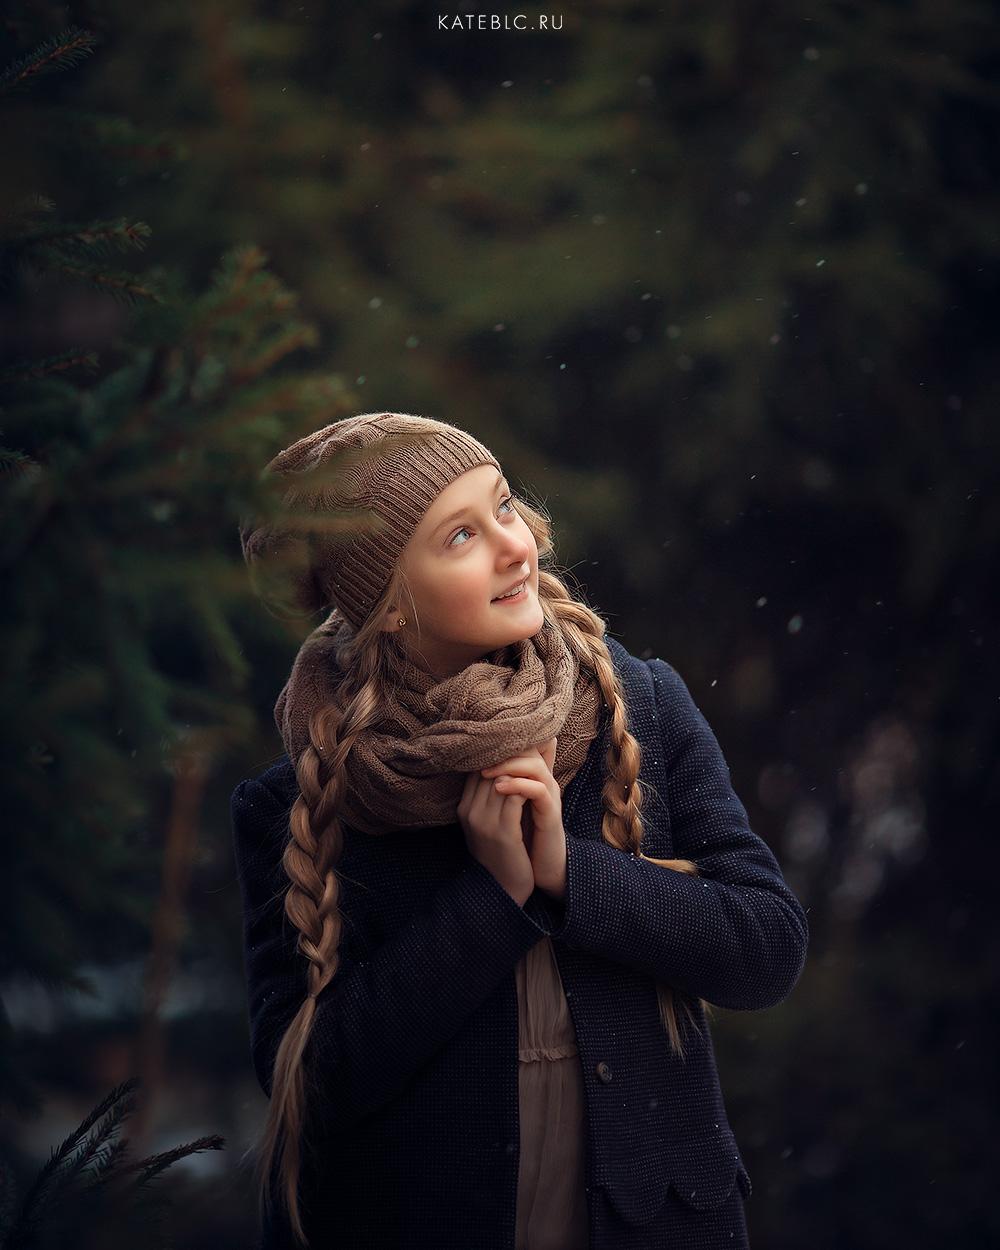 Весенняя фотосессия на природе. Фотограф в Москве Катрин Белоцерковская